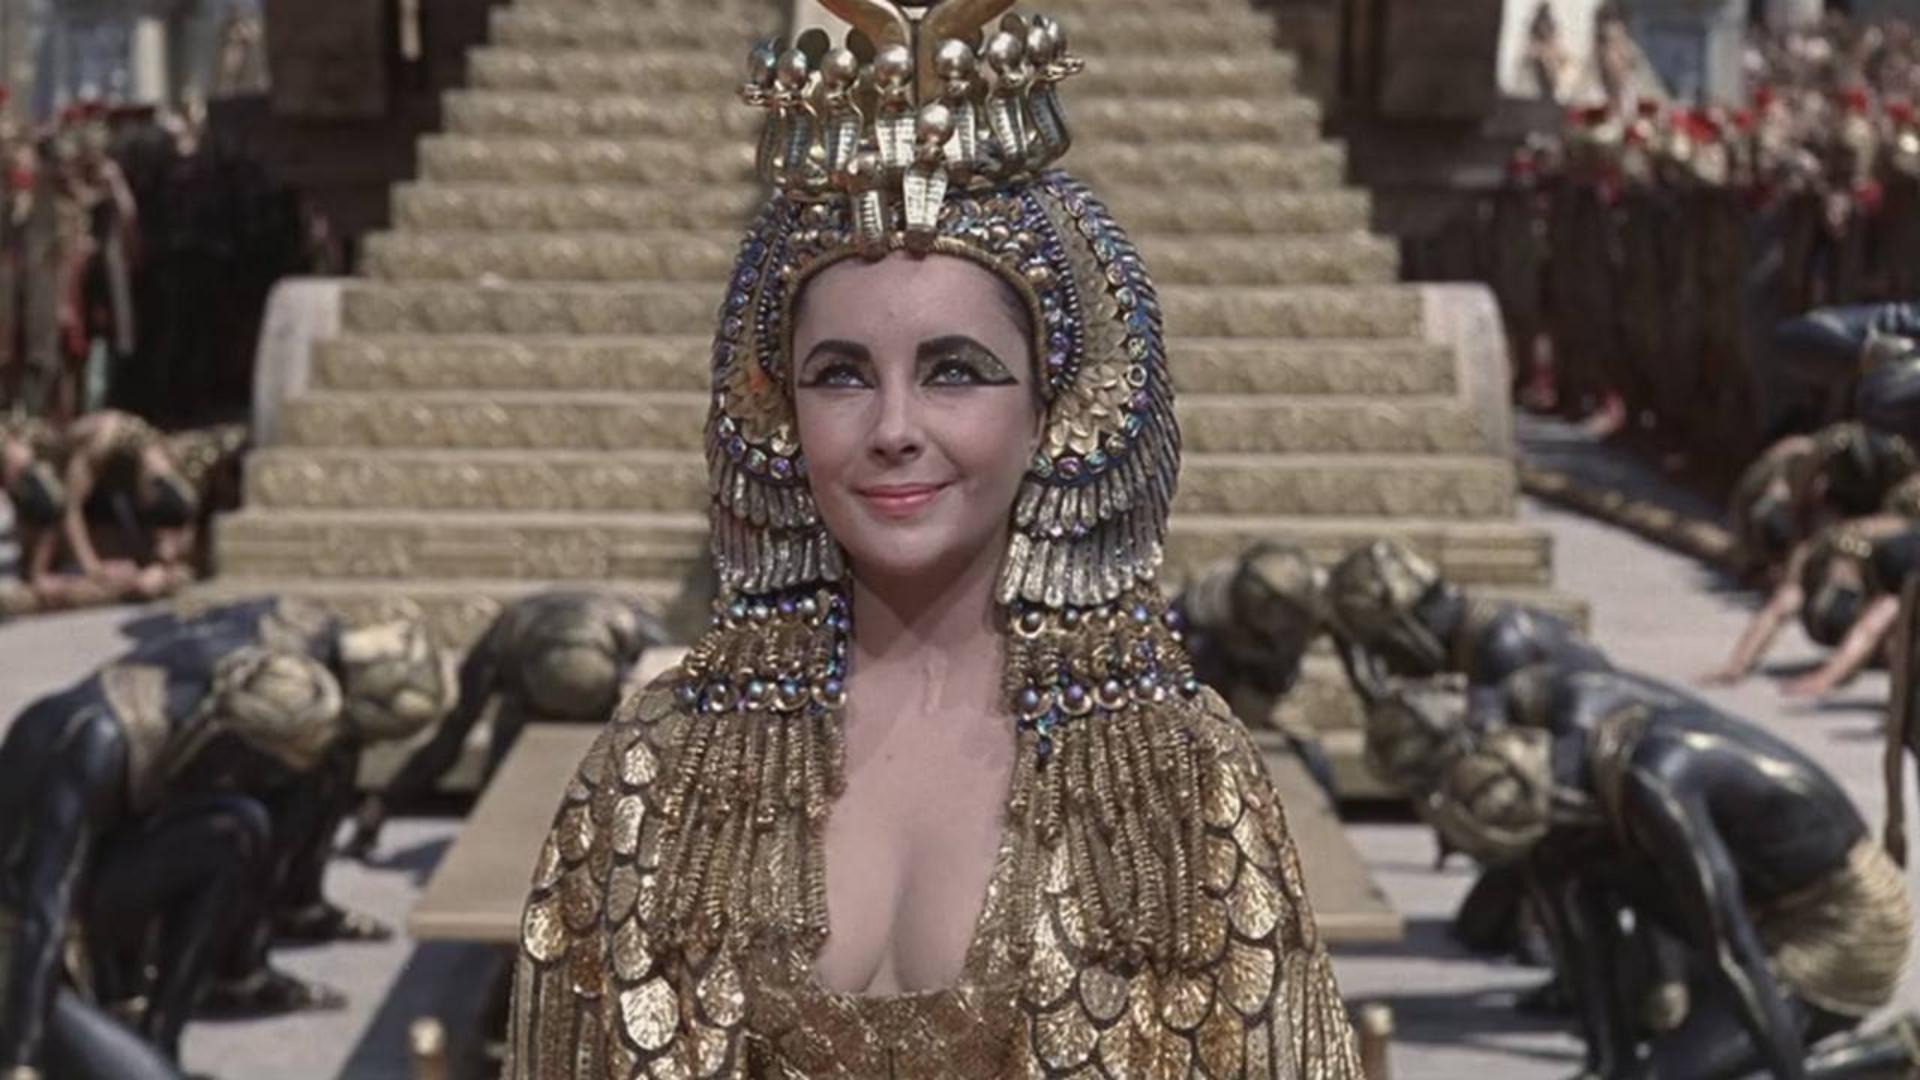 【阿斗】此片当年差点让20世纪福克斯破产《埃及艳后》一部无与伦比的好莱坞大片